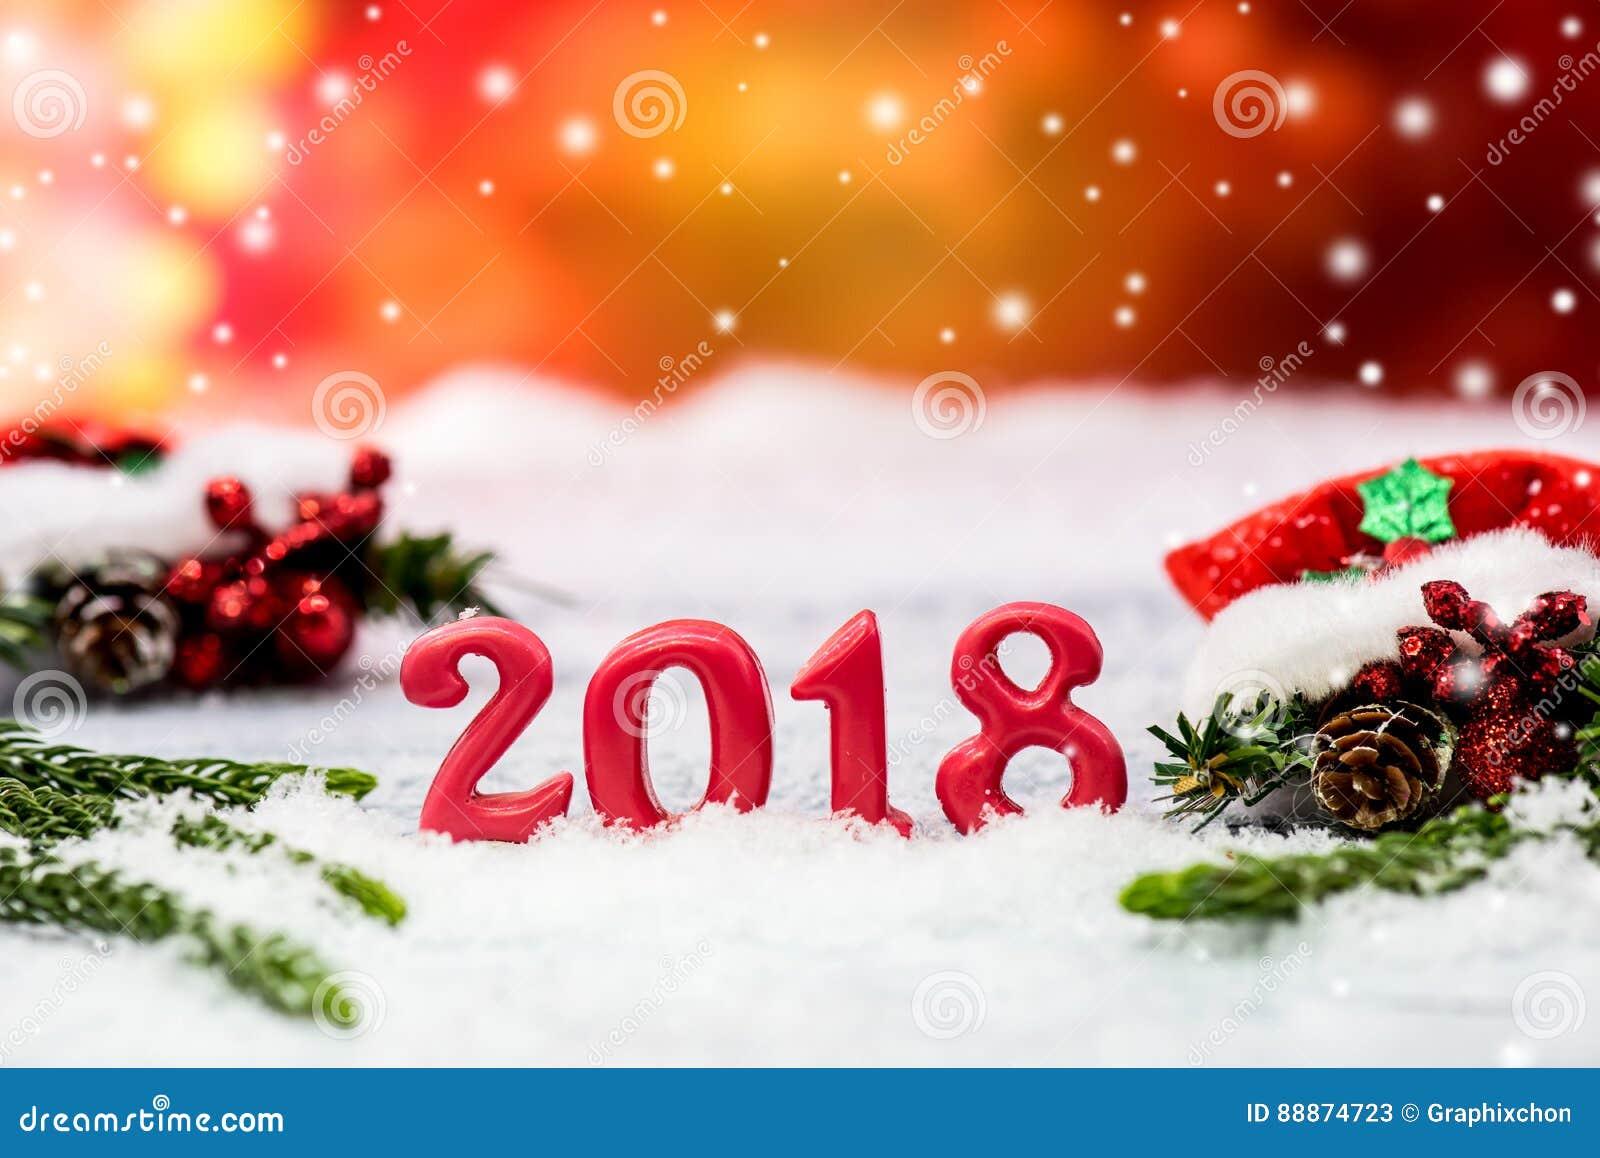 Frohe Weihnachten Und Neues Jahr 2018 Stockbild - Bild von jahr ...